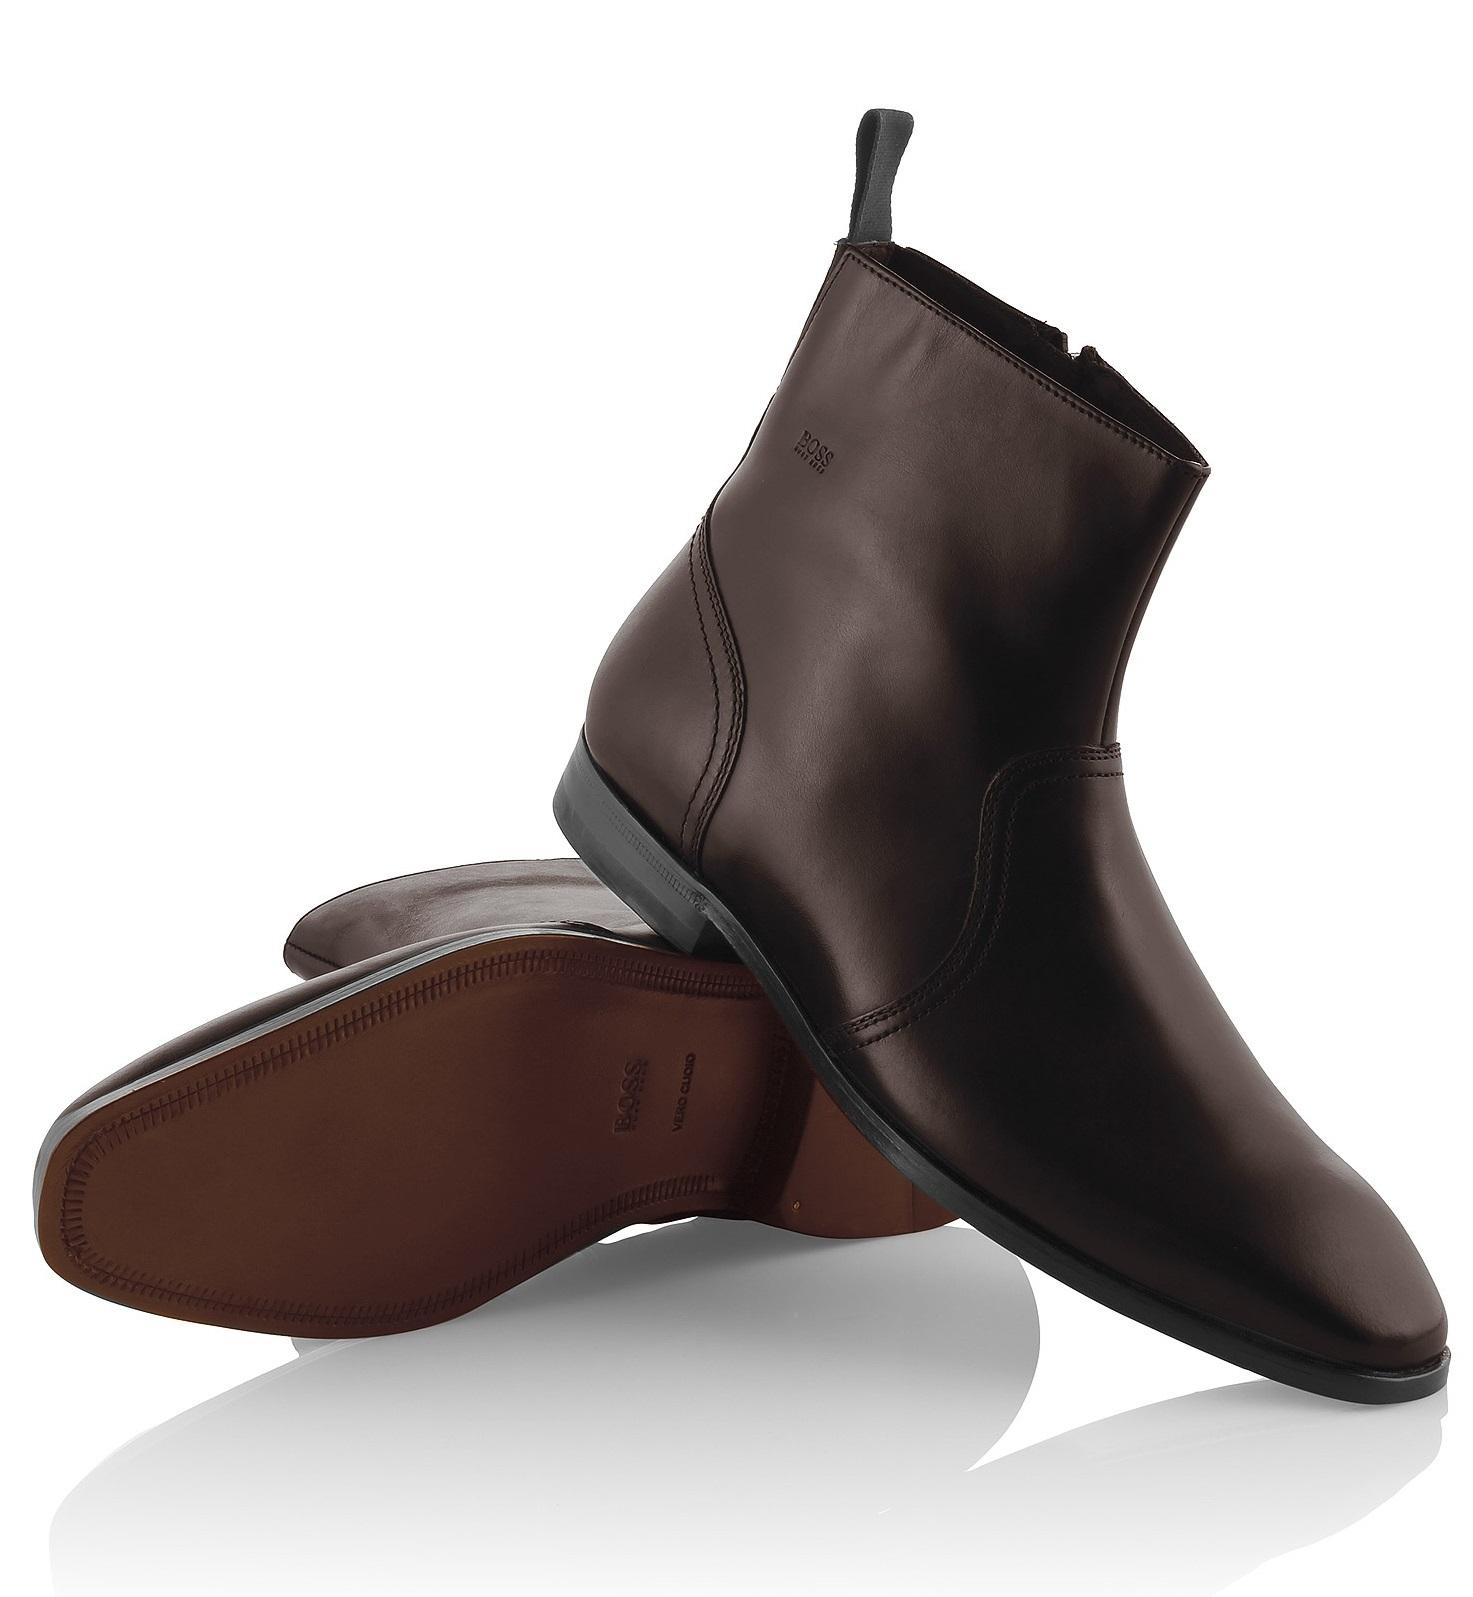 Bottes cuir homme j 39 ai un n cessaire de cirage - Comment nettoyer des chaussures en cuir sans cirage ...